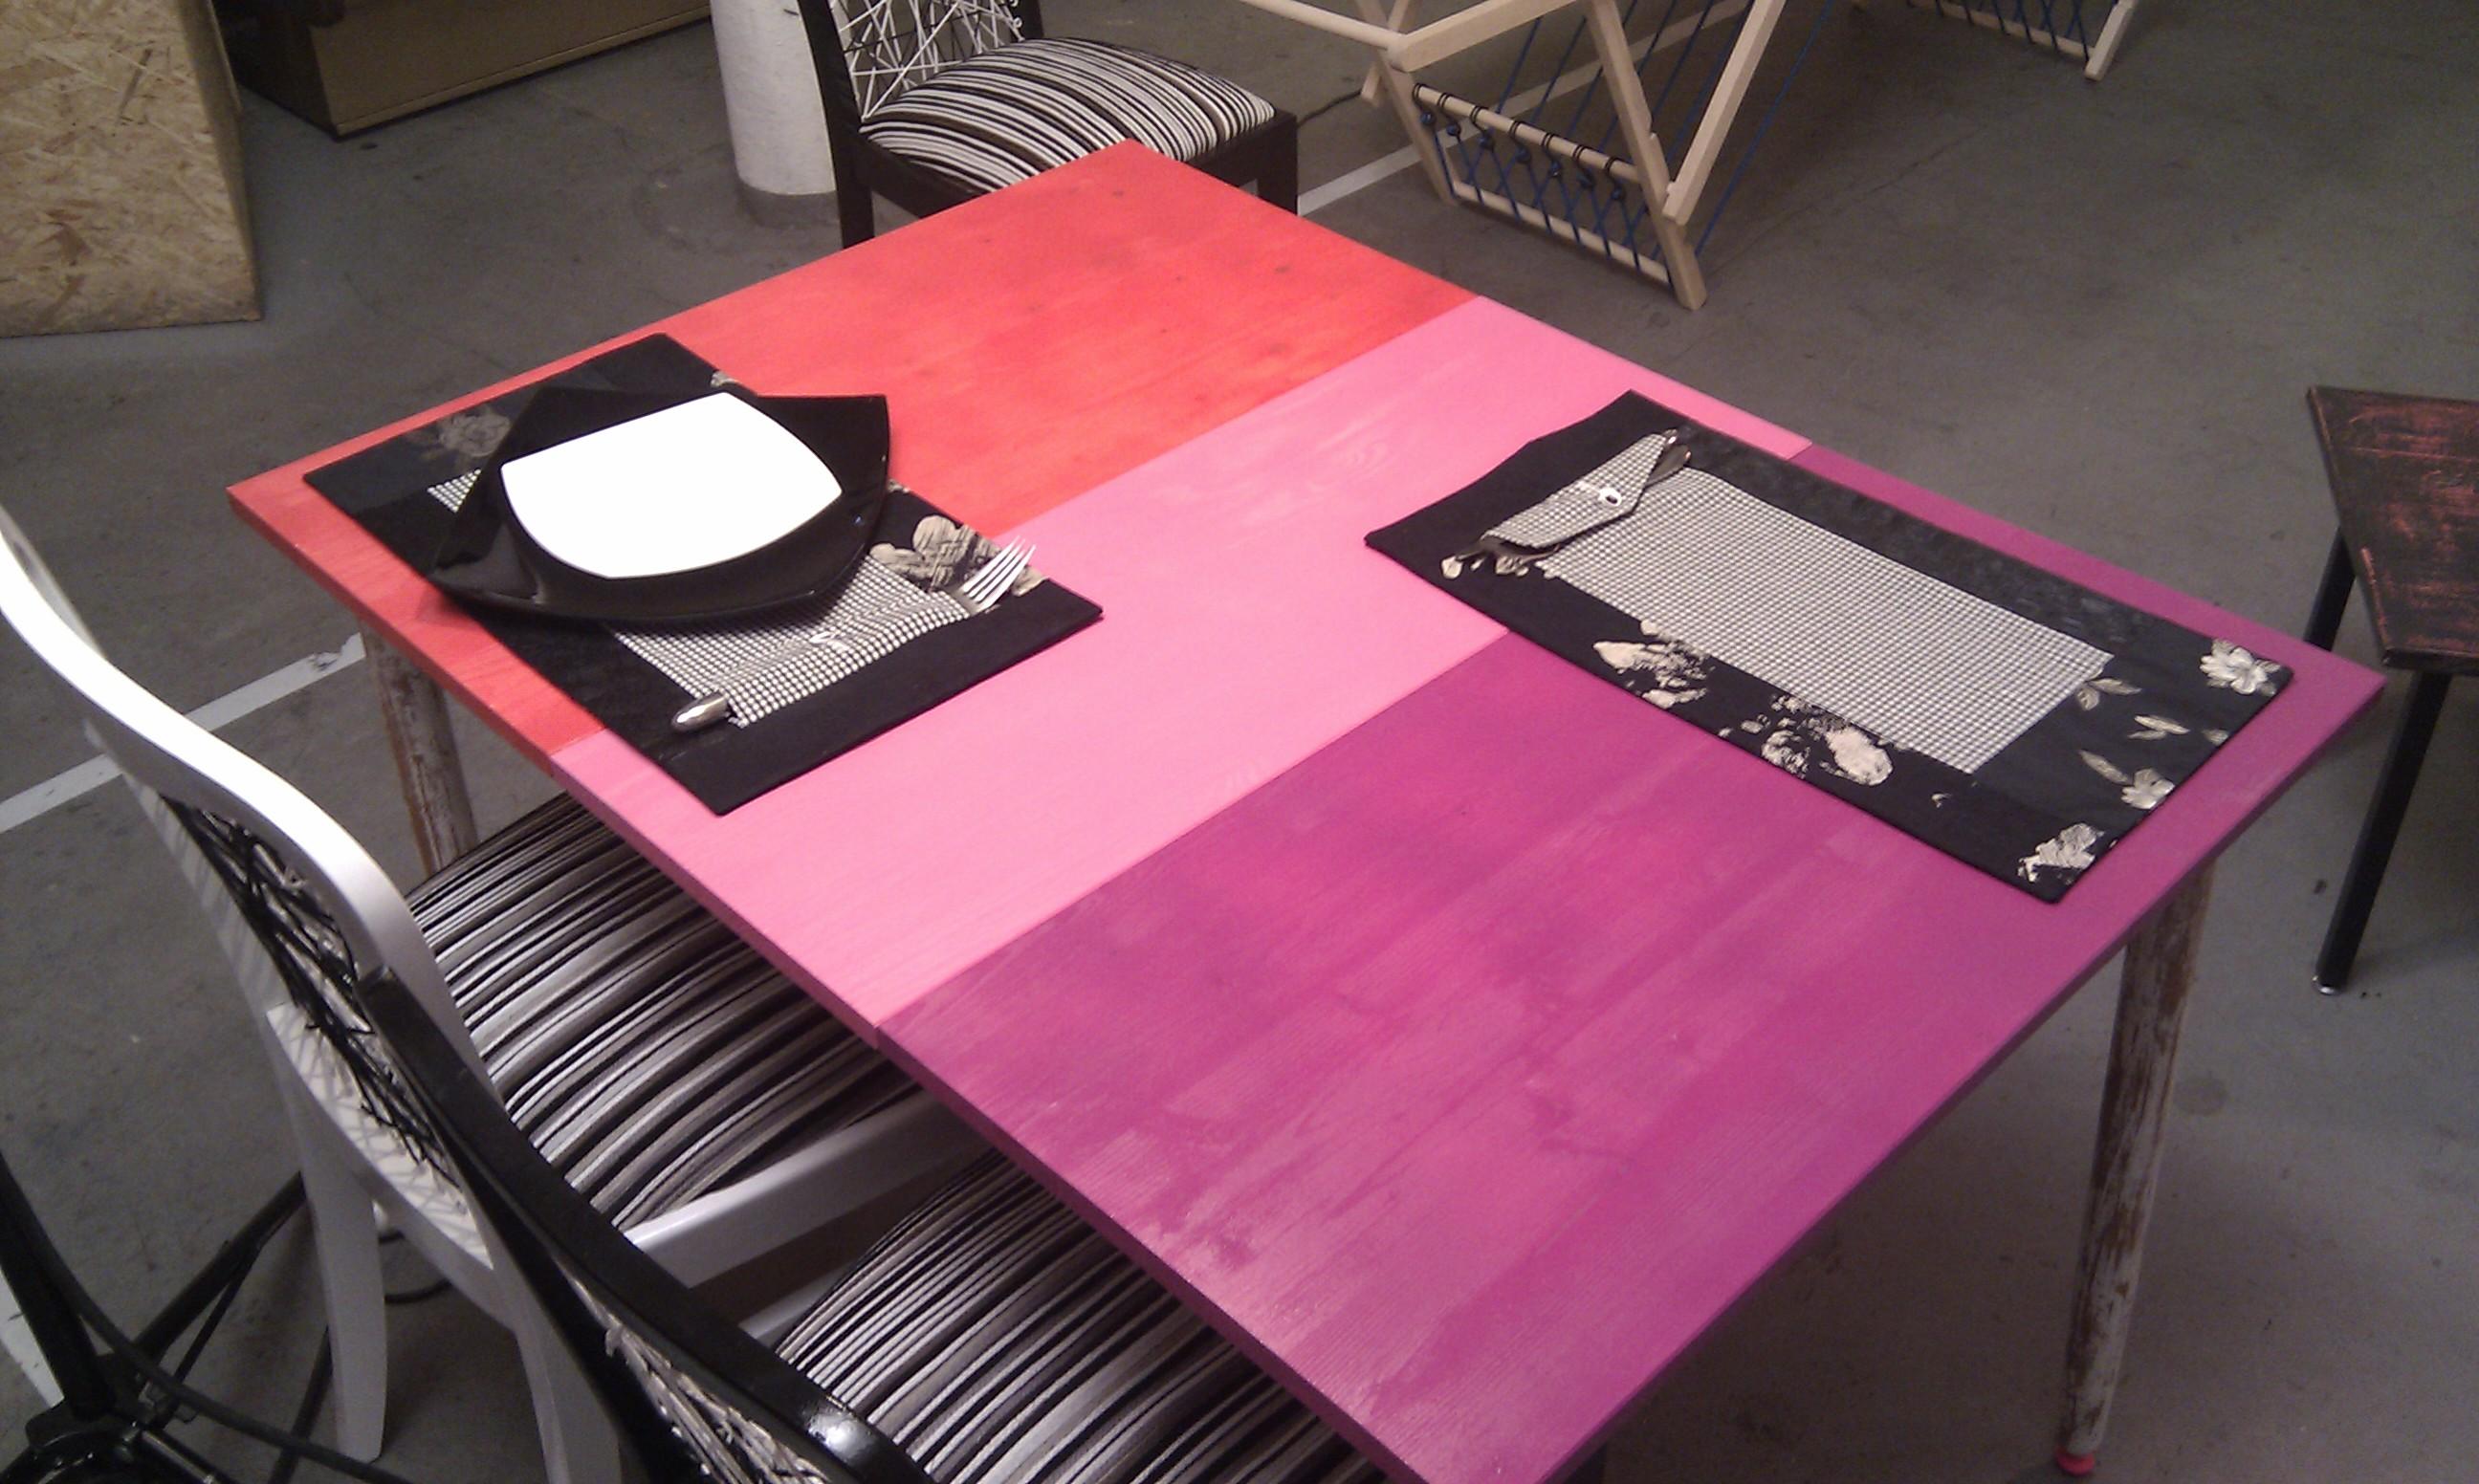 podkładki tekstylne z kieszonką na sztućce